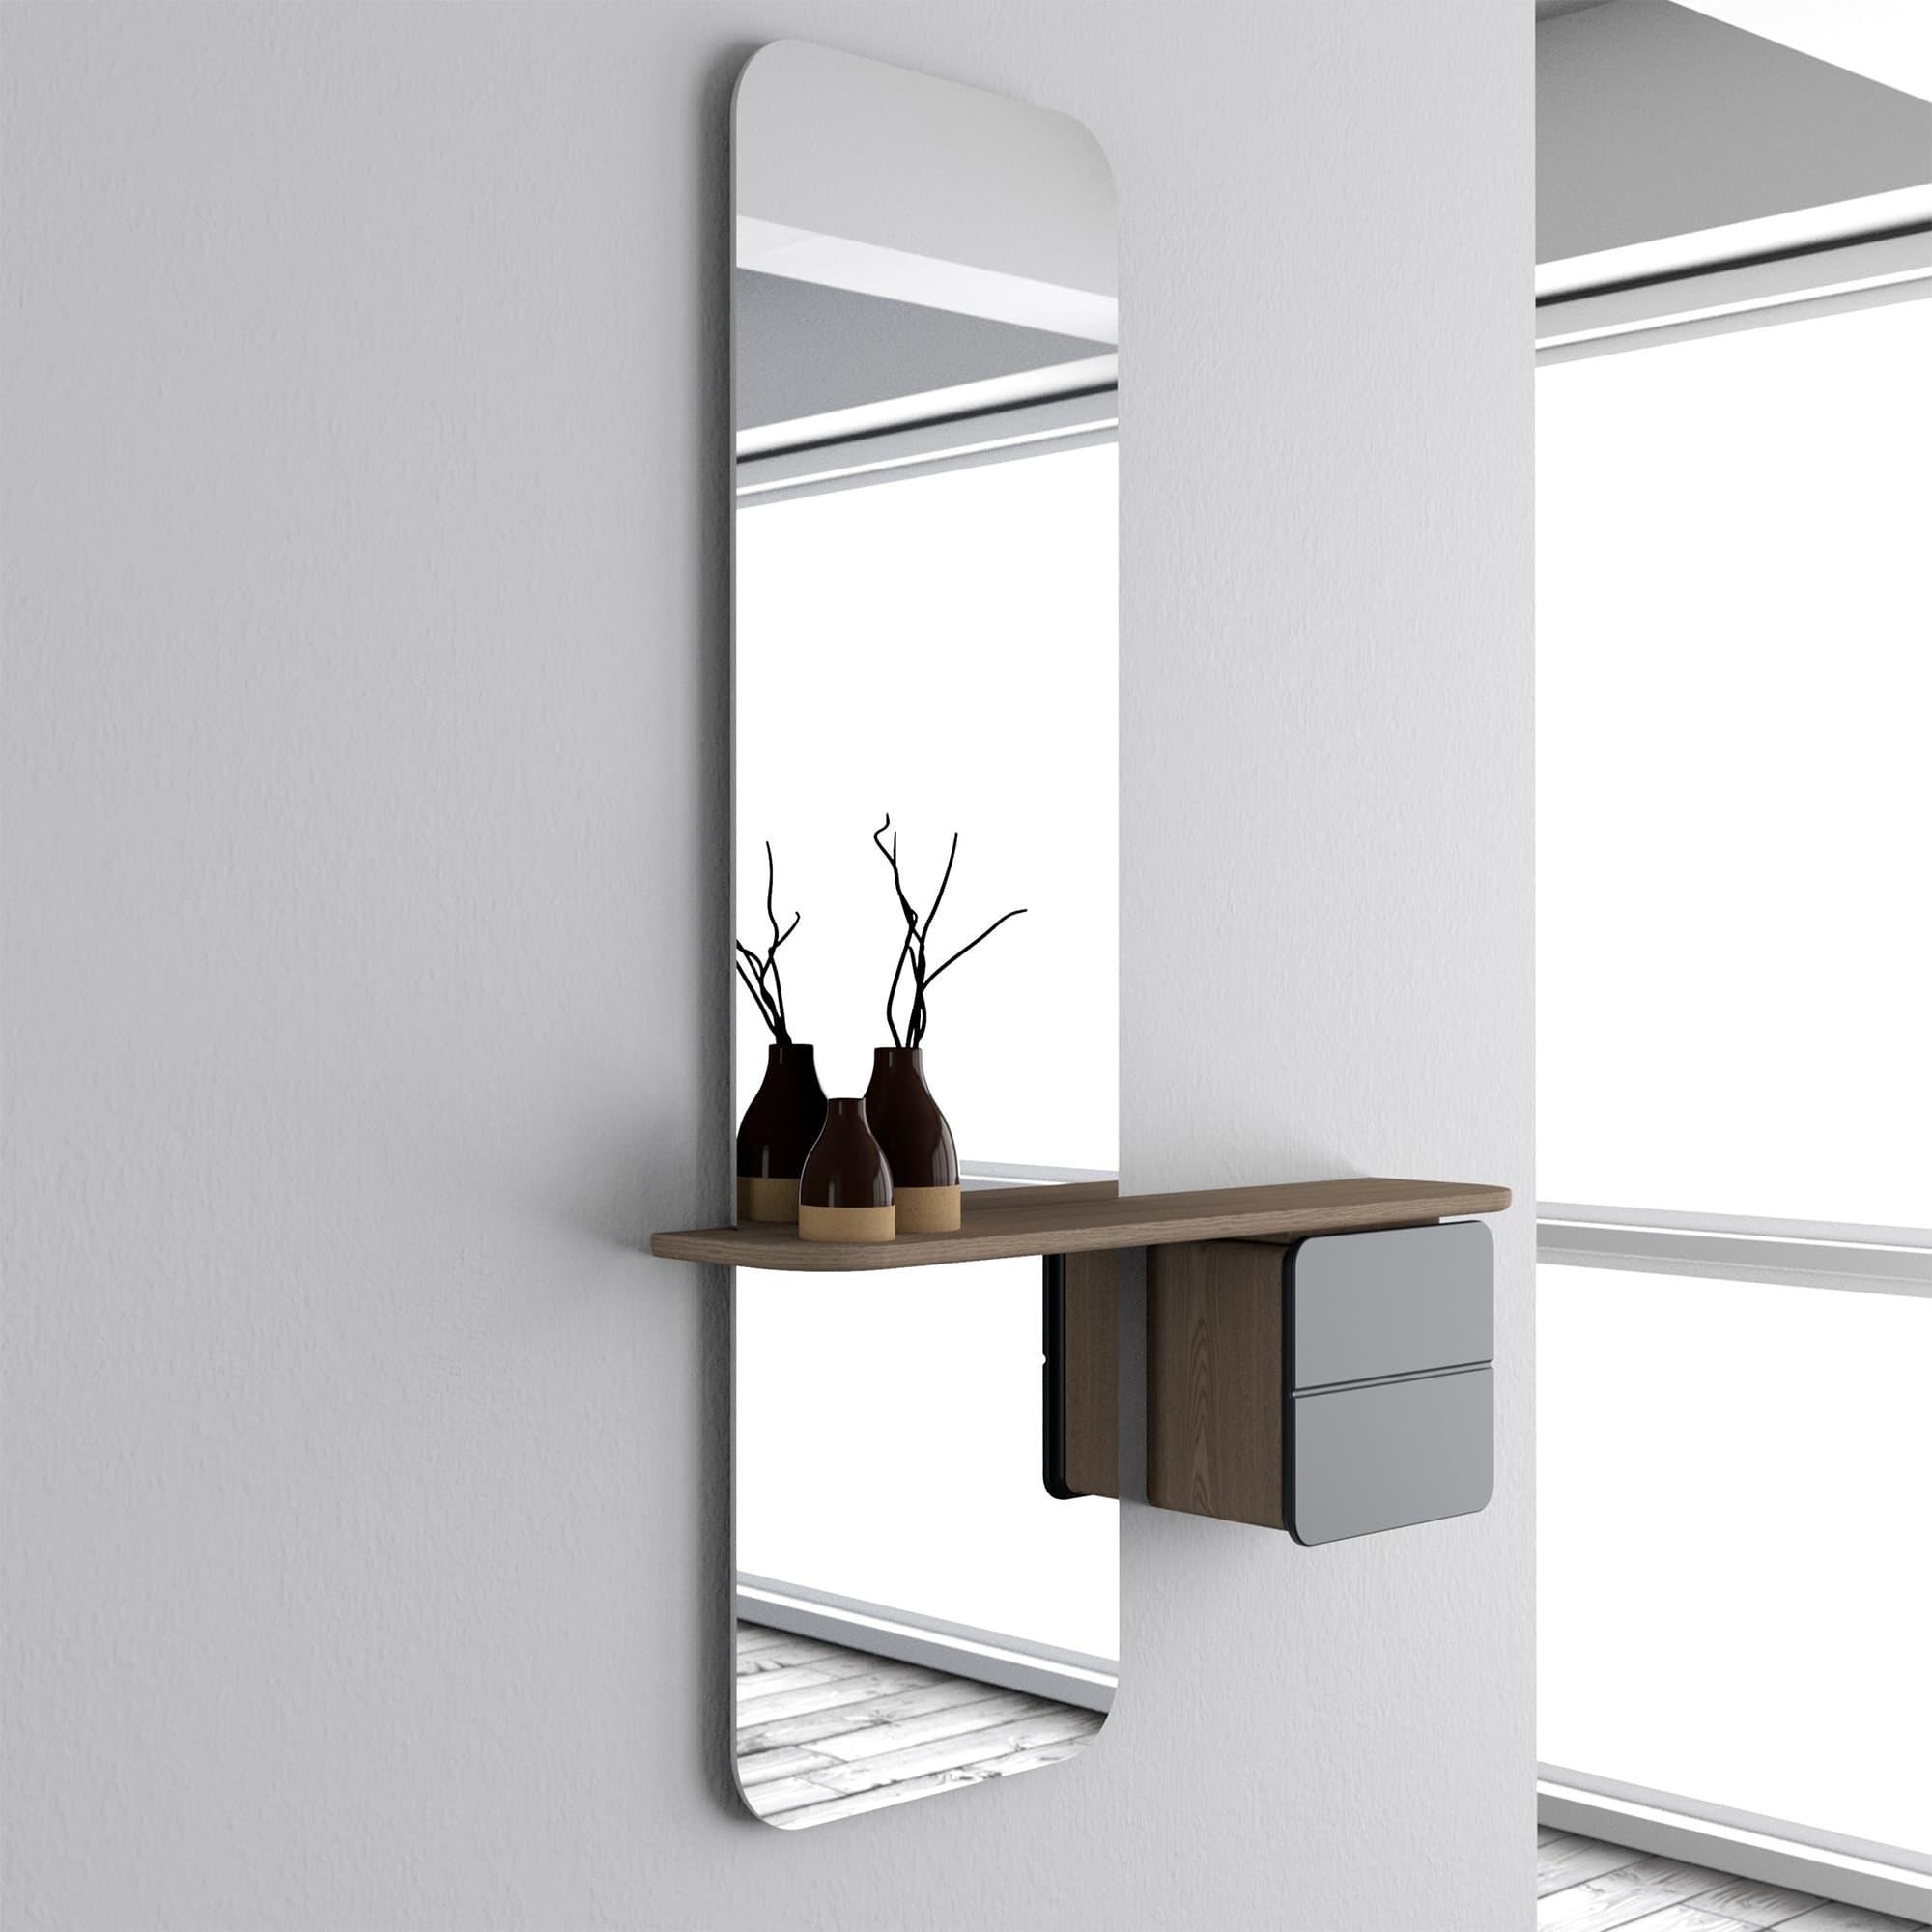 meuble et miroir d entree one more look